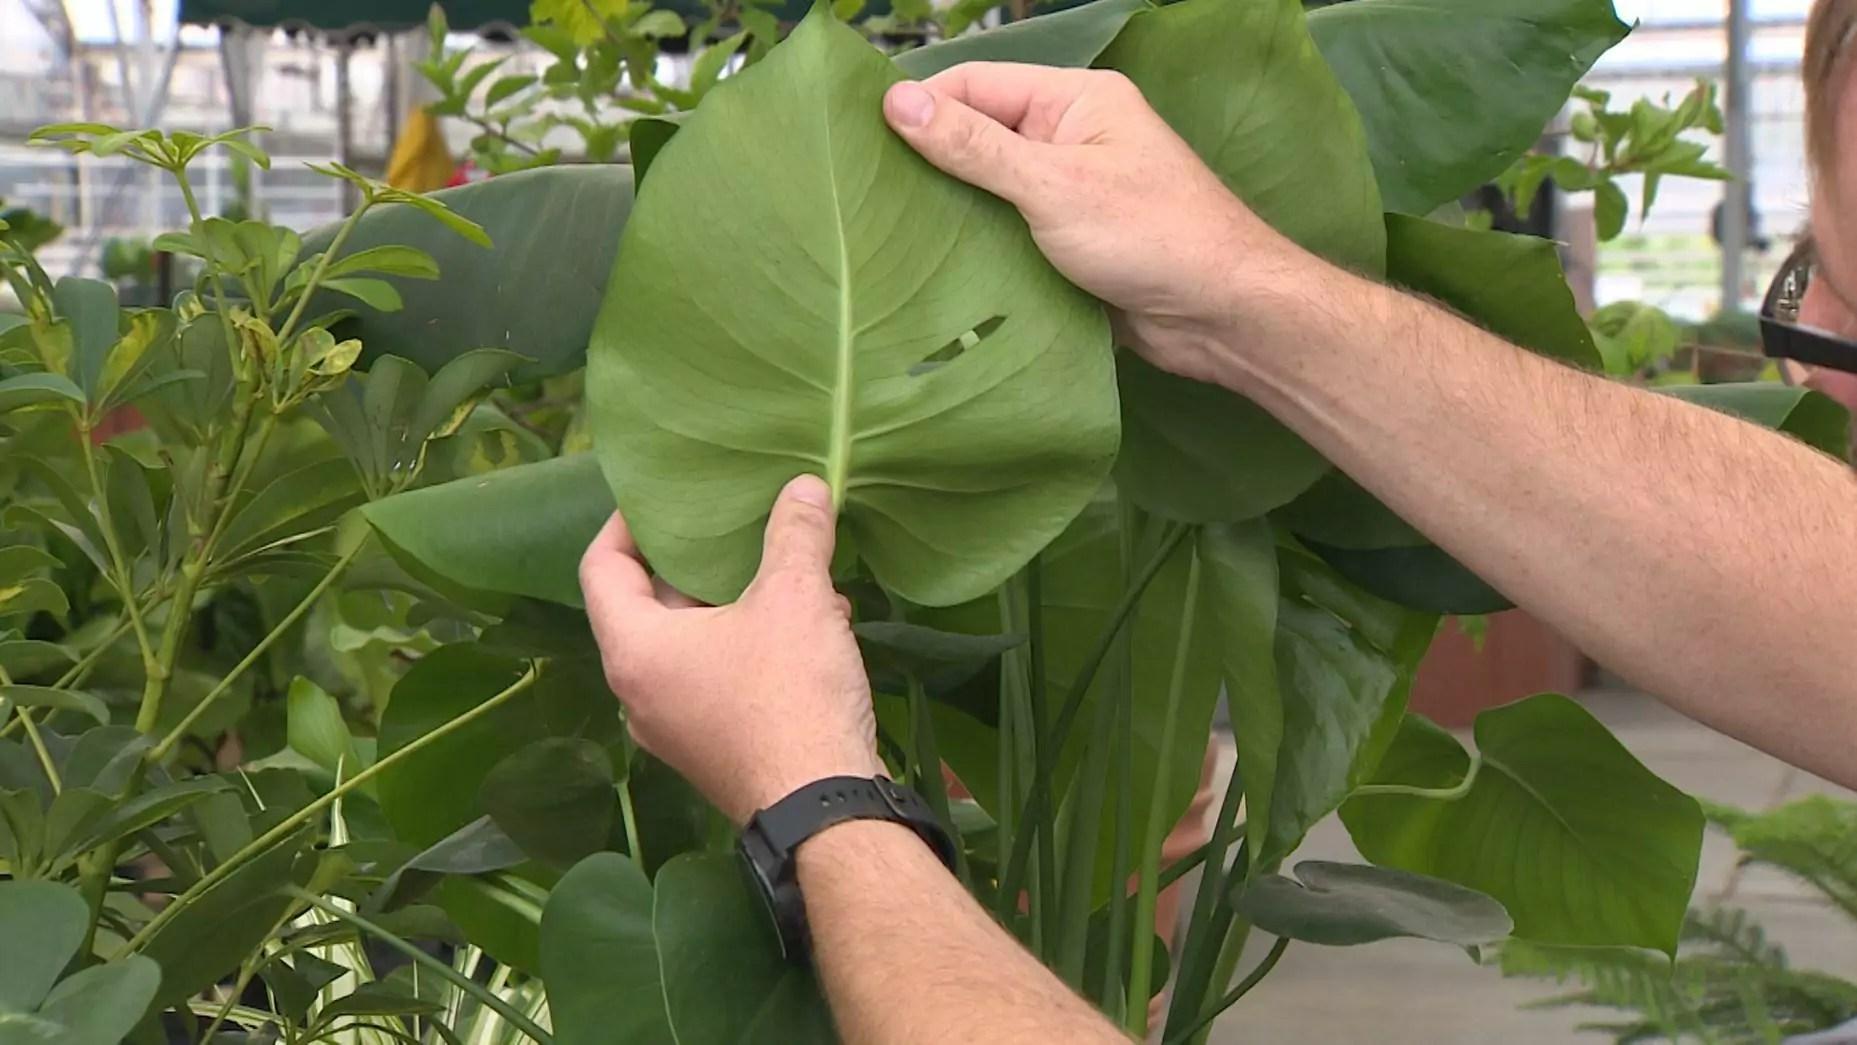 Hands handle a large leaf.